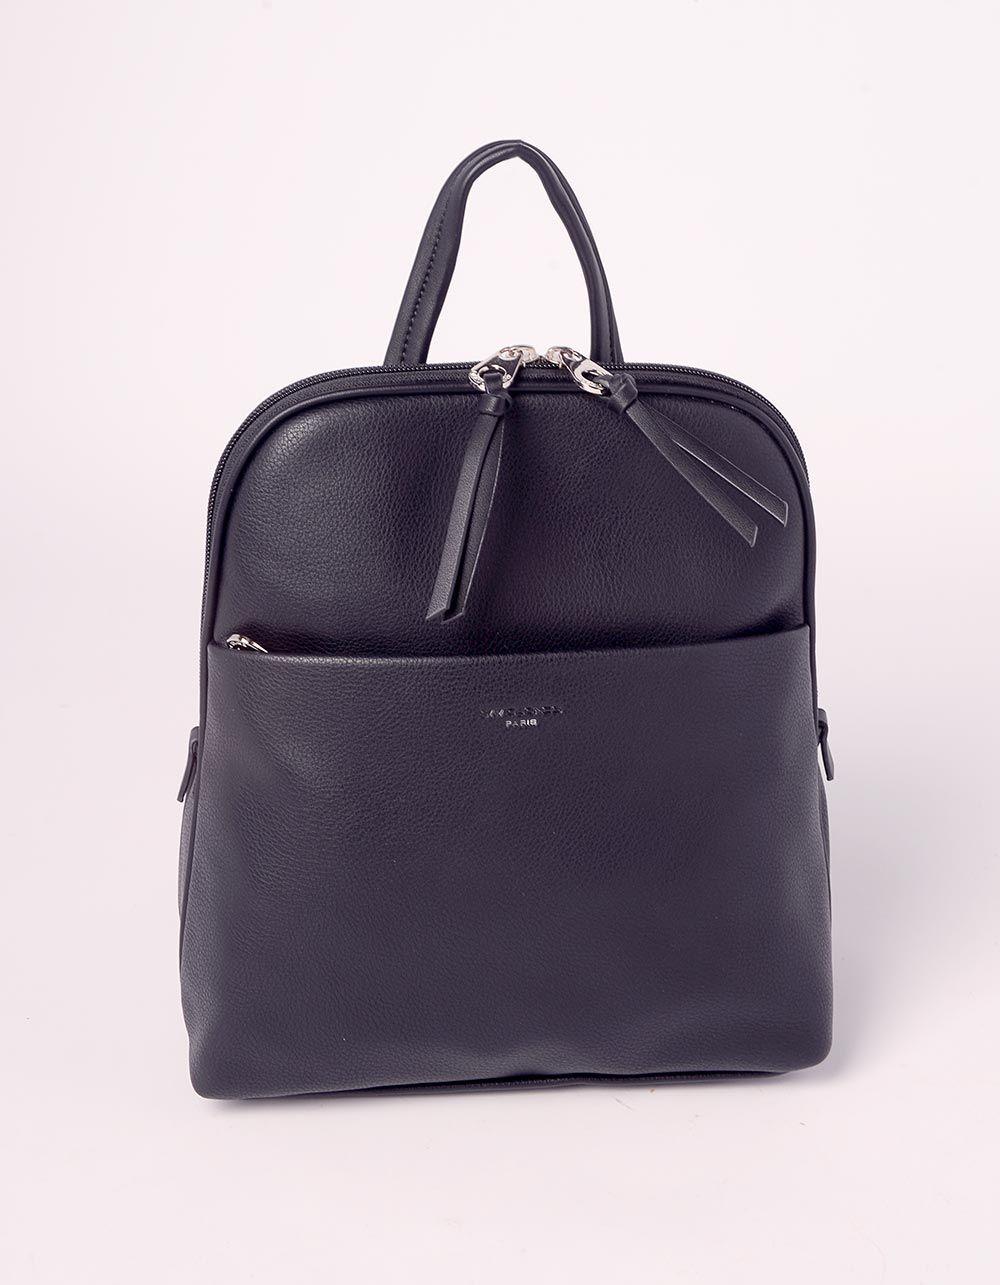 Рюкзак на блискавці з кишенею | 239180-02-XX